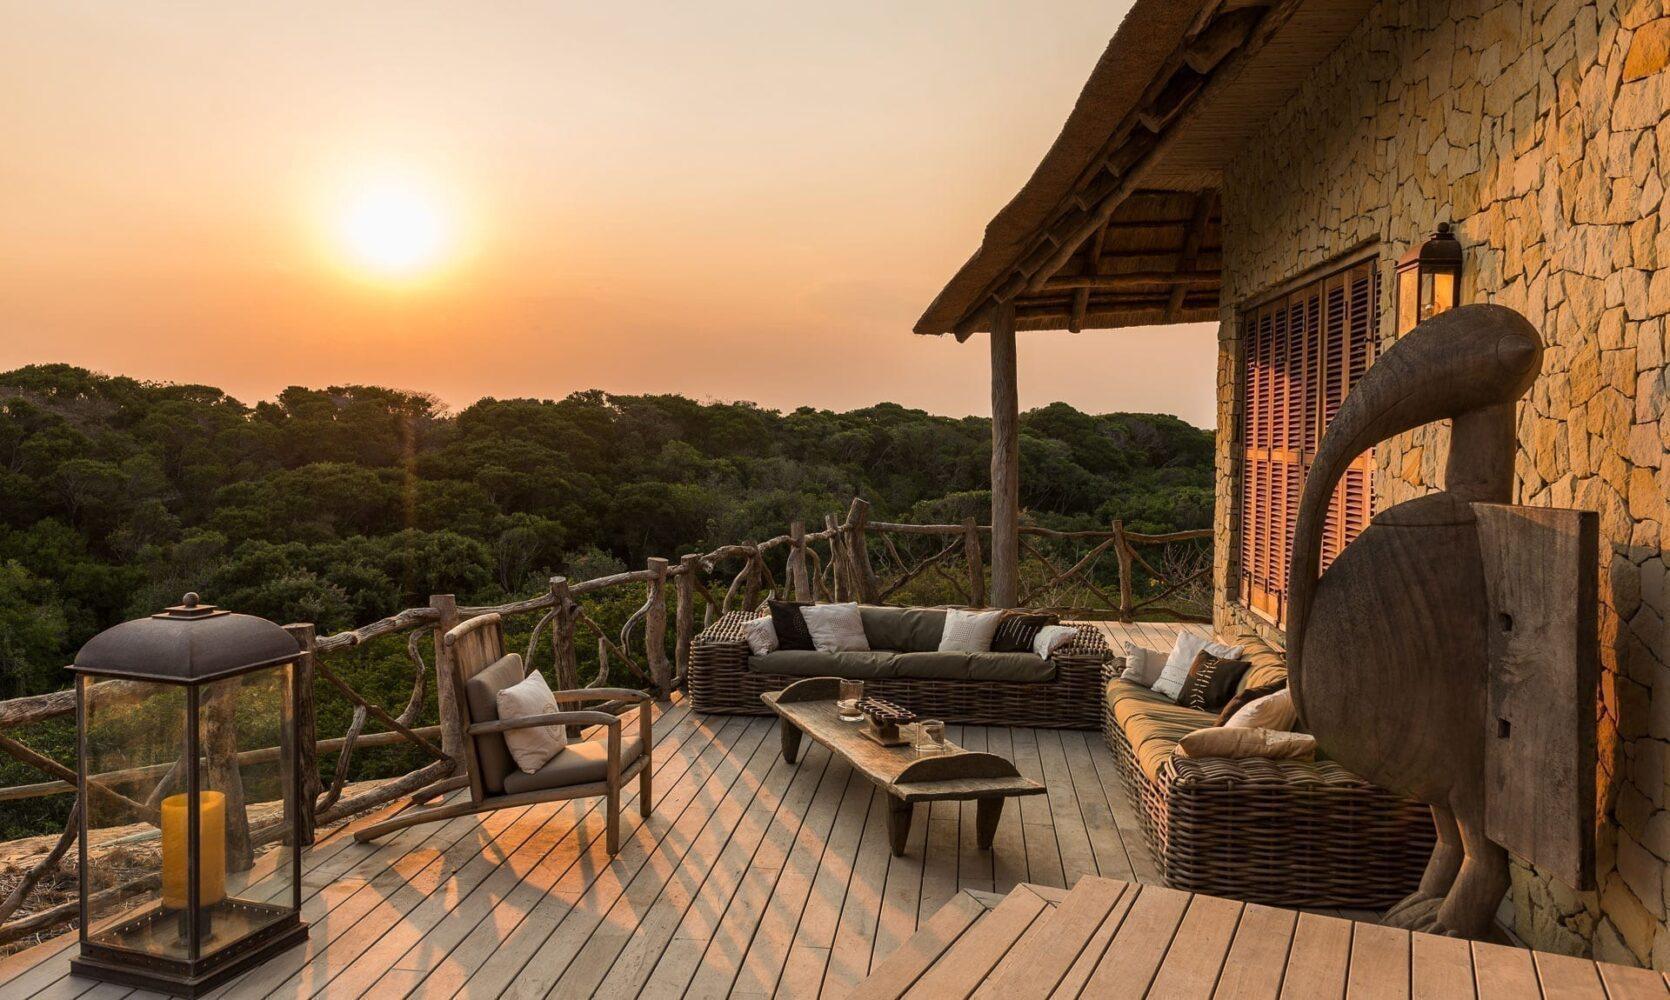 solnedgång på Colina Verde, en lyxvilla i Machangulo som du kan hyra till dig och din familj eller dina vänner - en av tre resetrender 2021 och framåt som vi tror mycket på